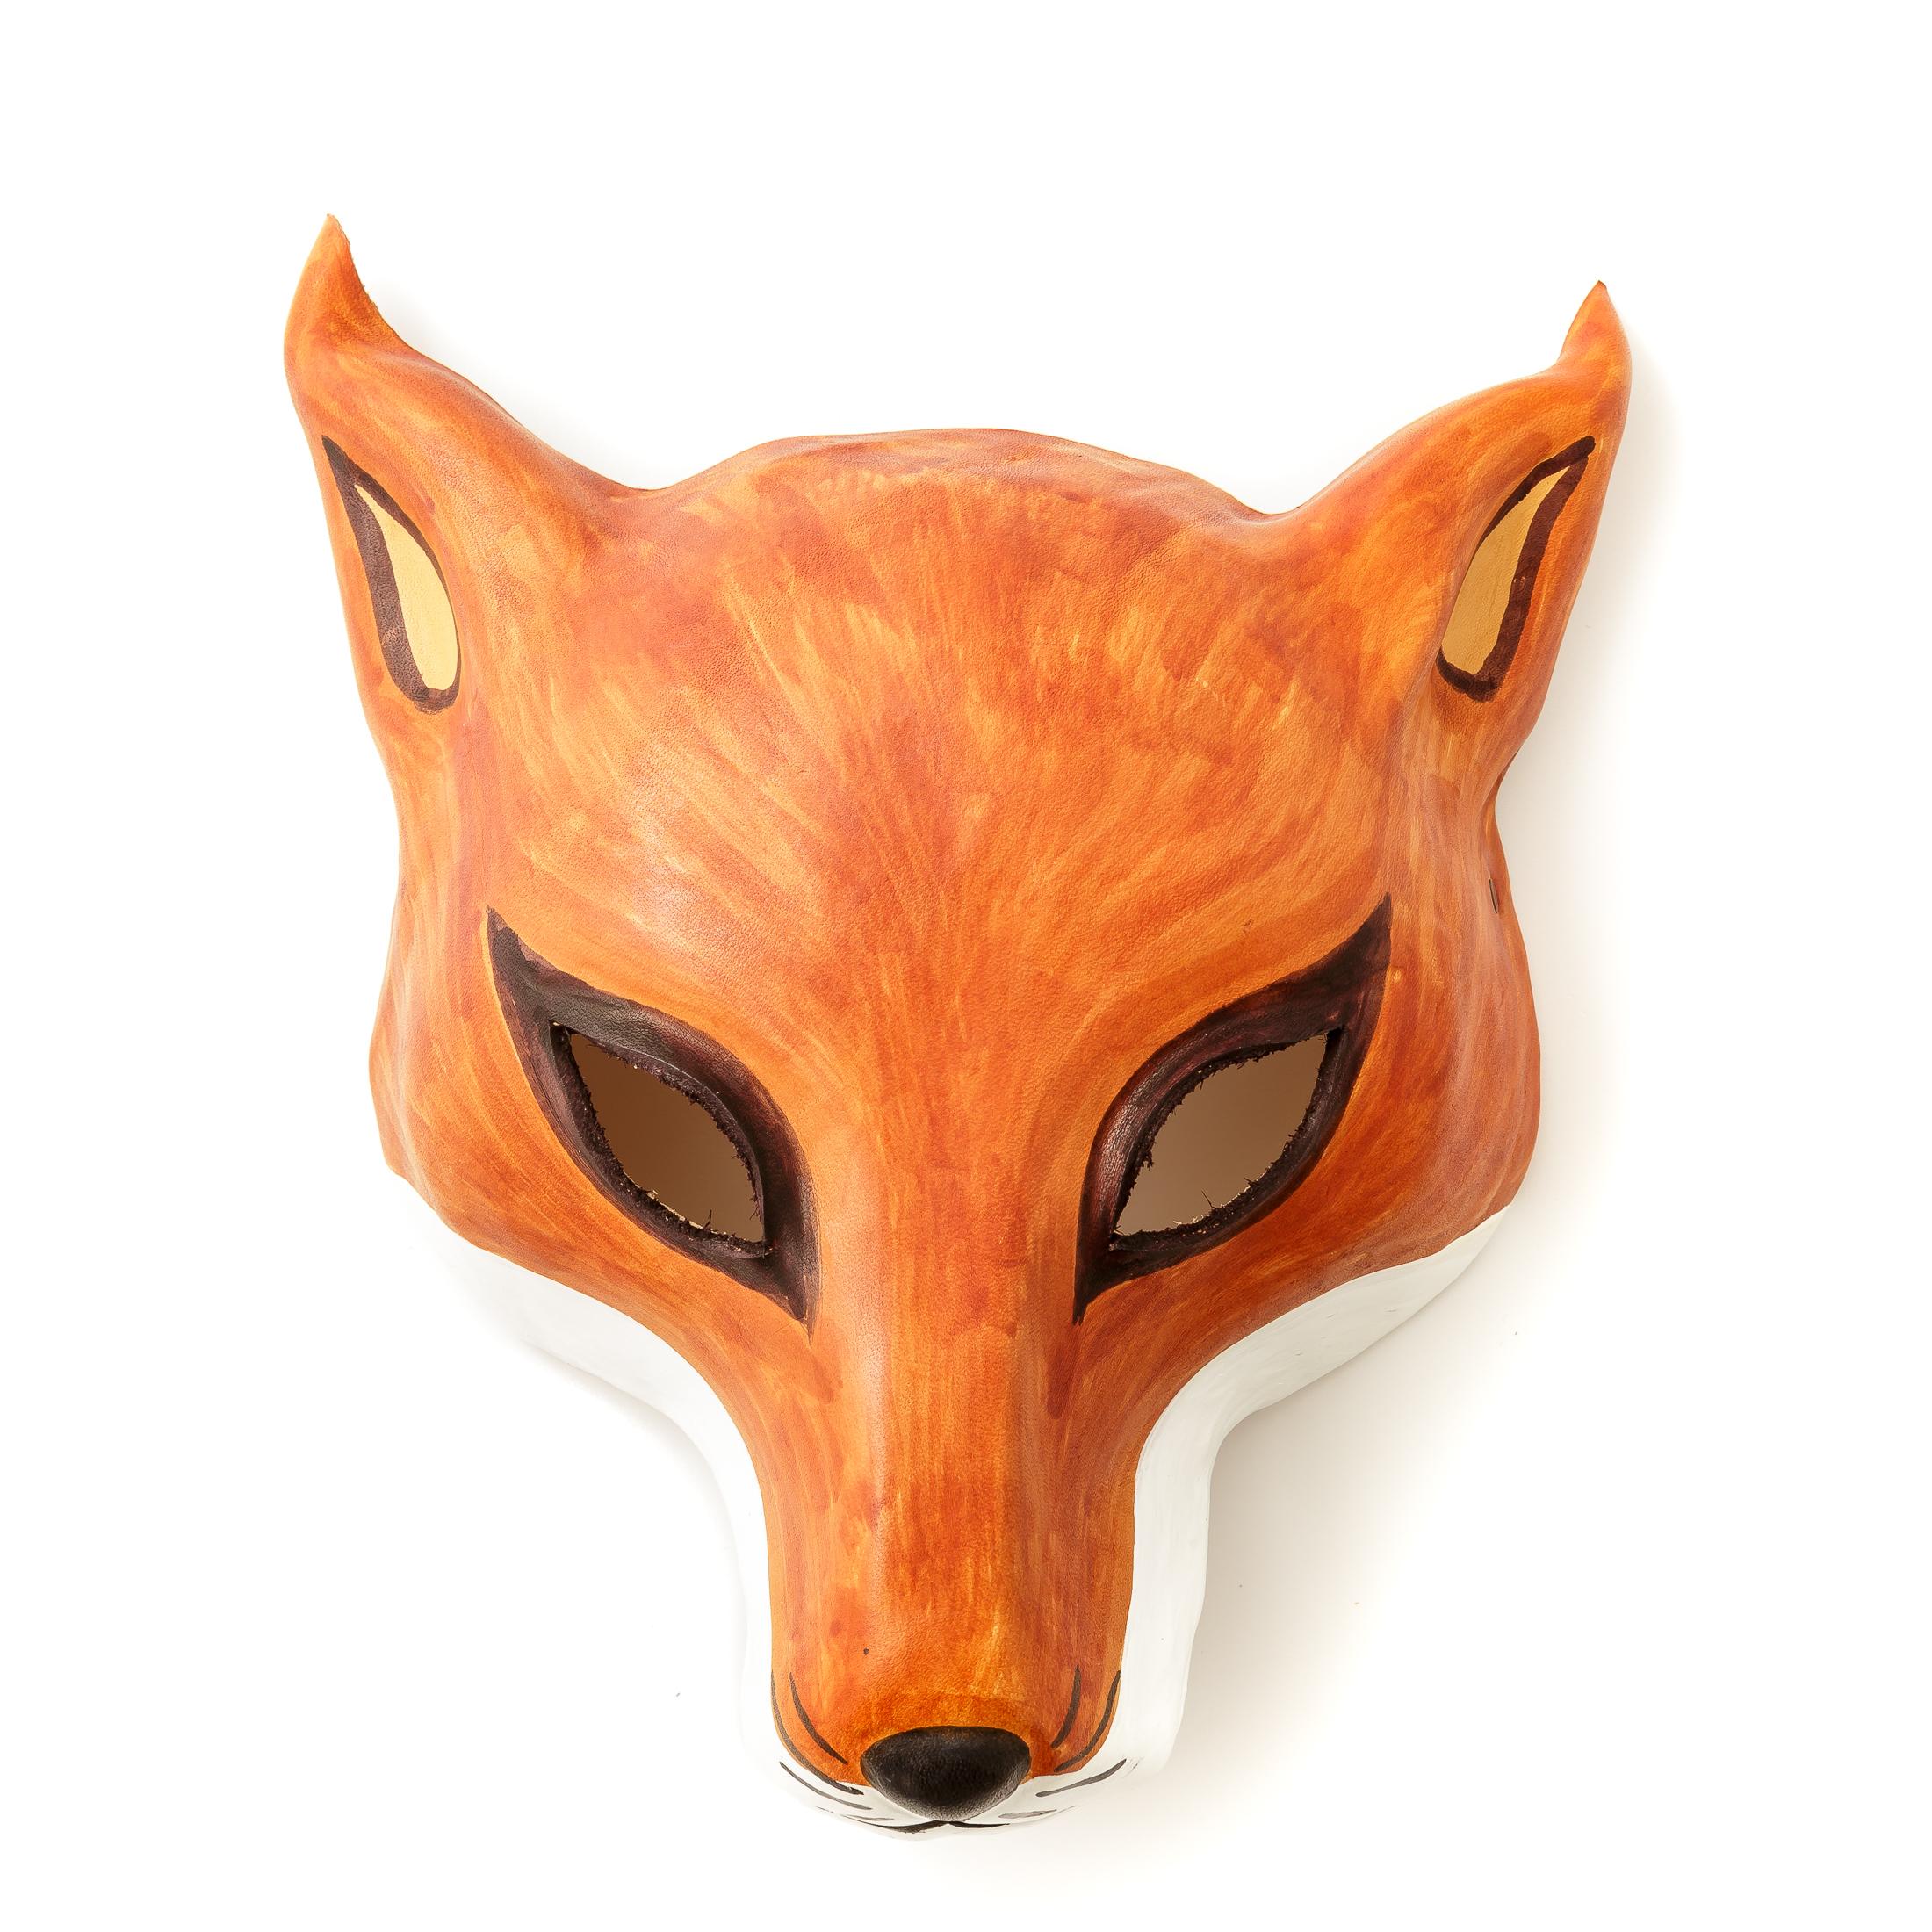 убеждены, что маска лиса картинки бдт качестве обычной